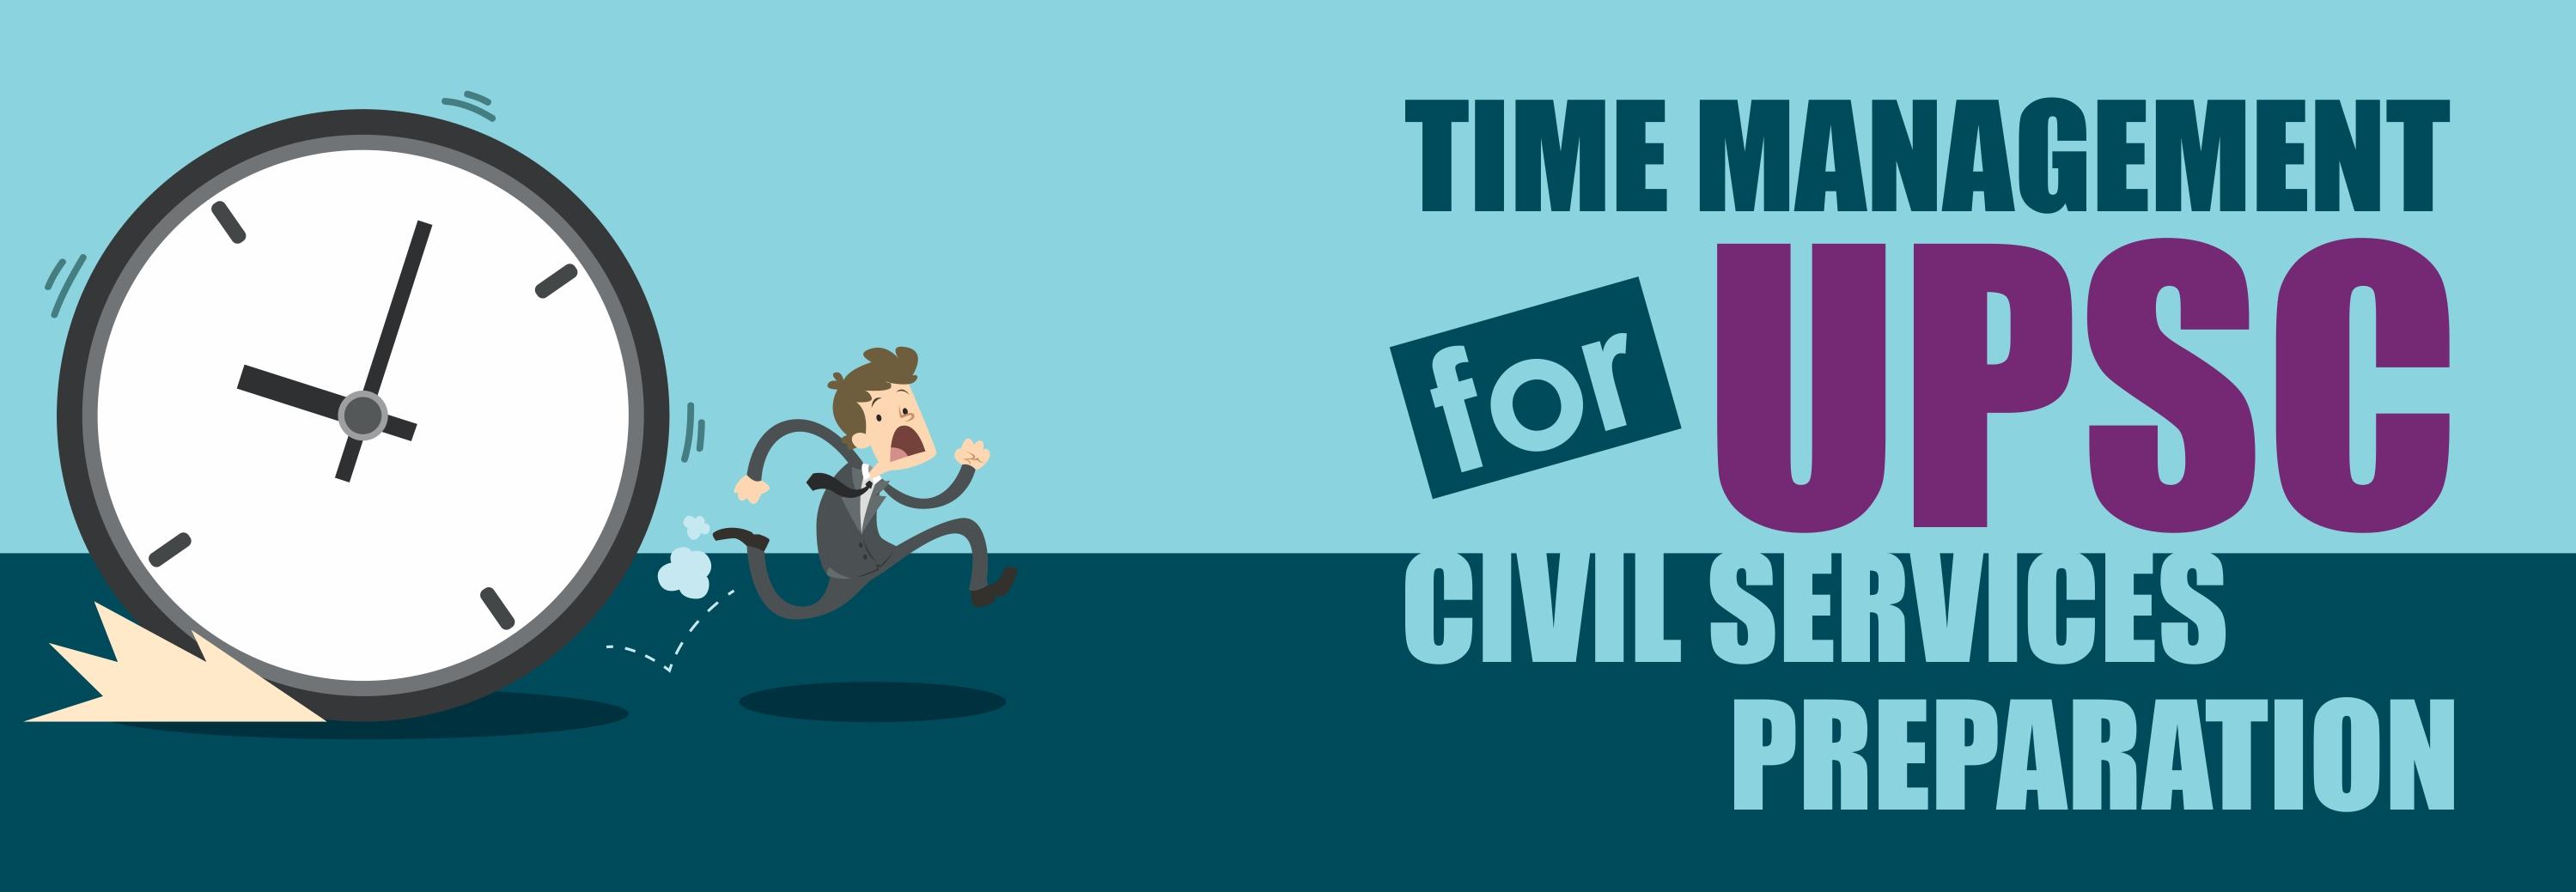 Upsc - Time Management For Upsc Civil Services Preparation